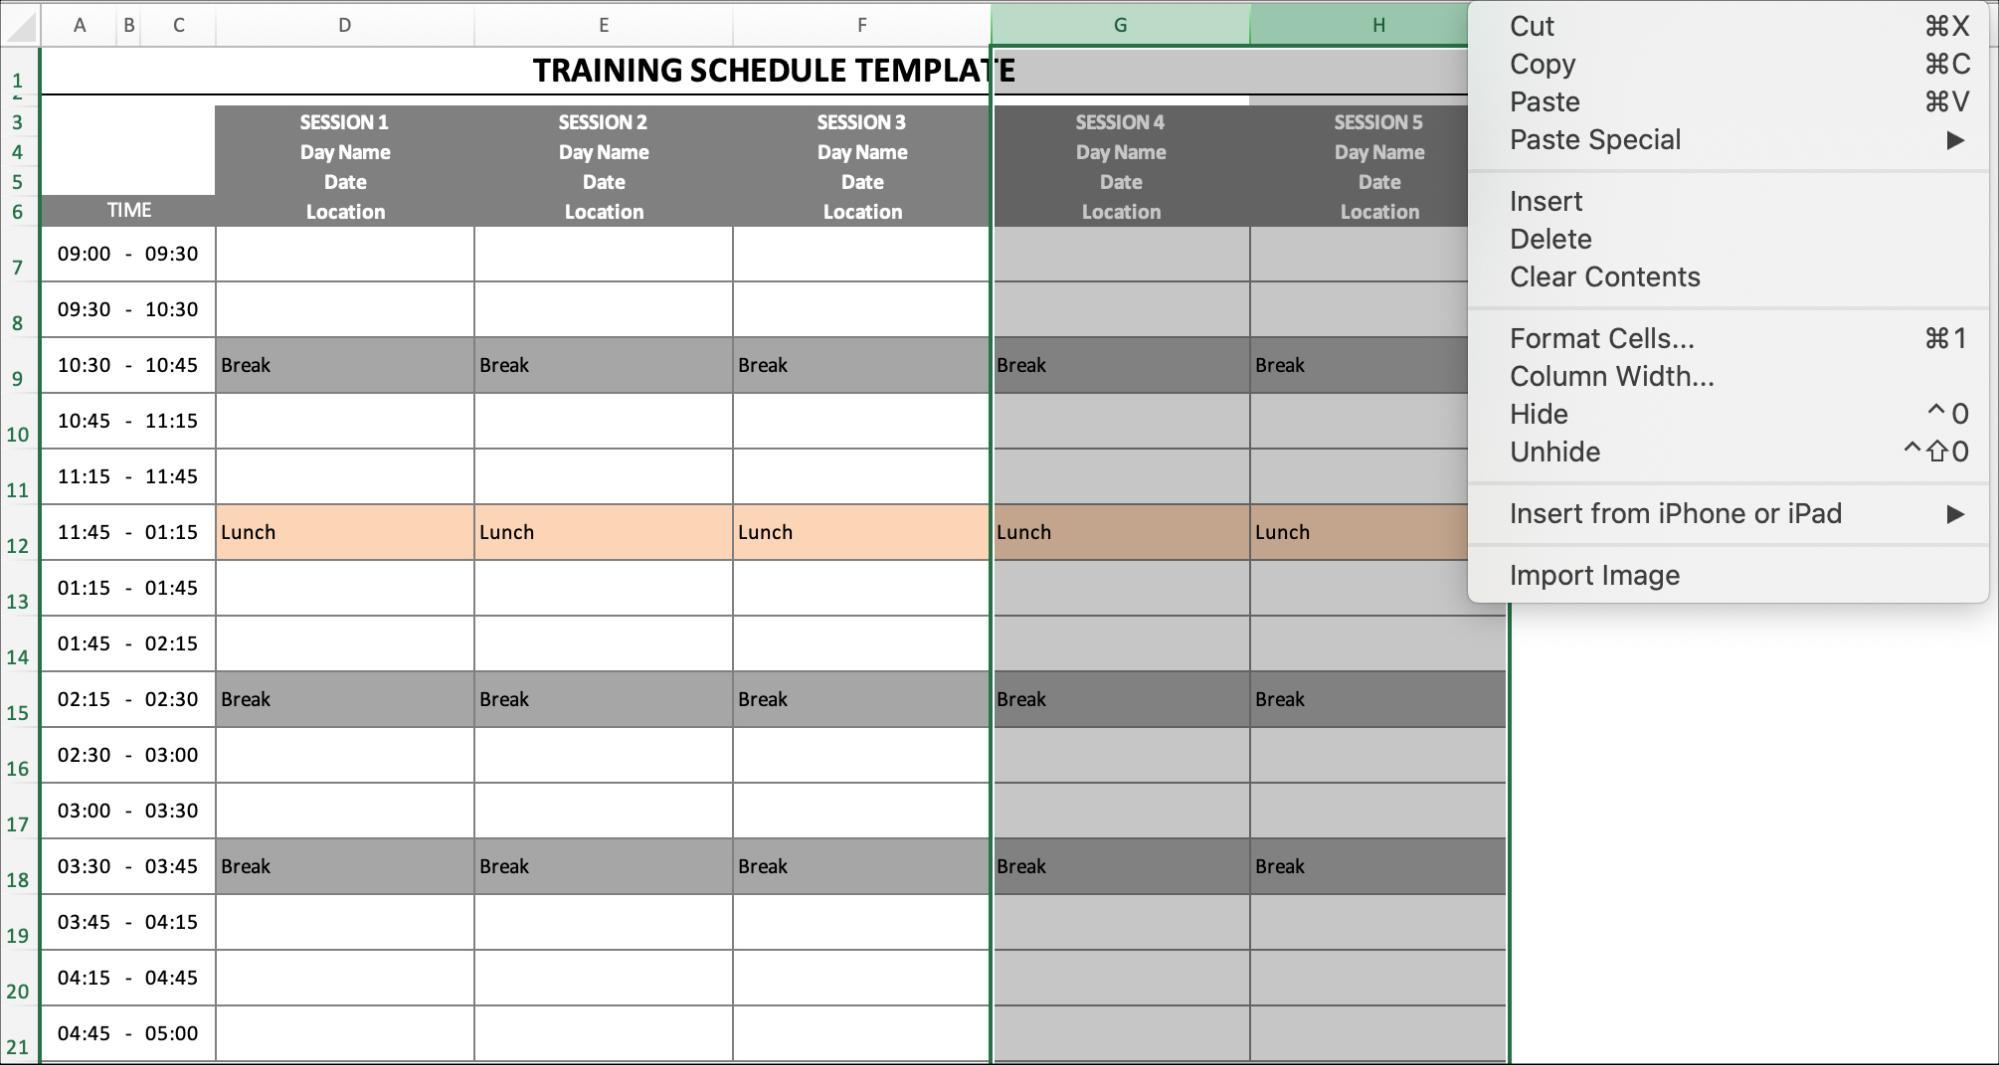 Training Schedule Hide Column